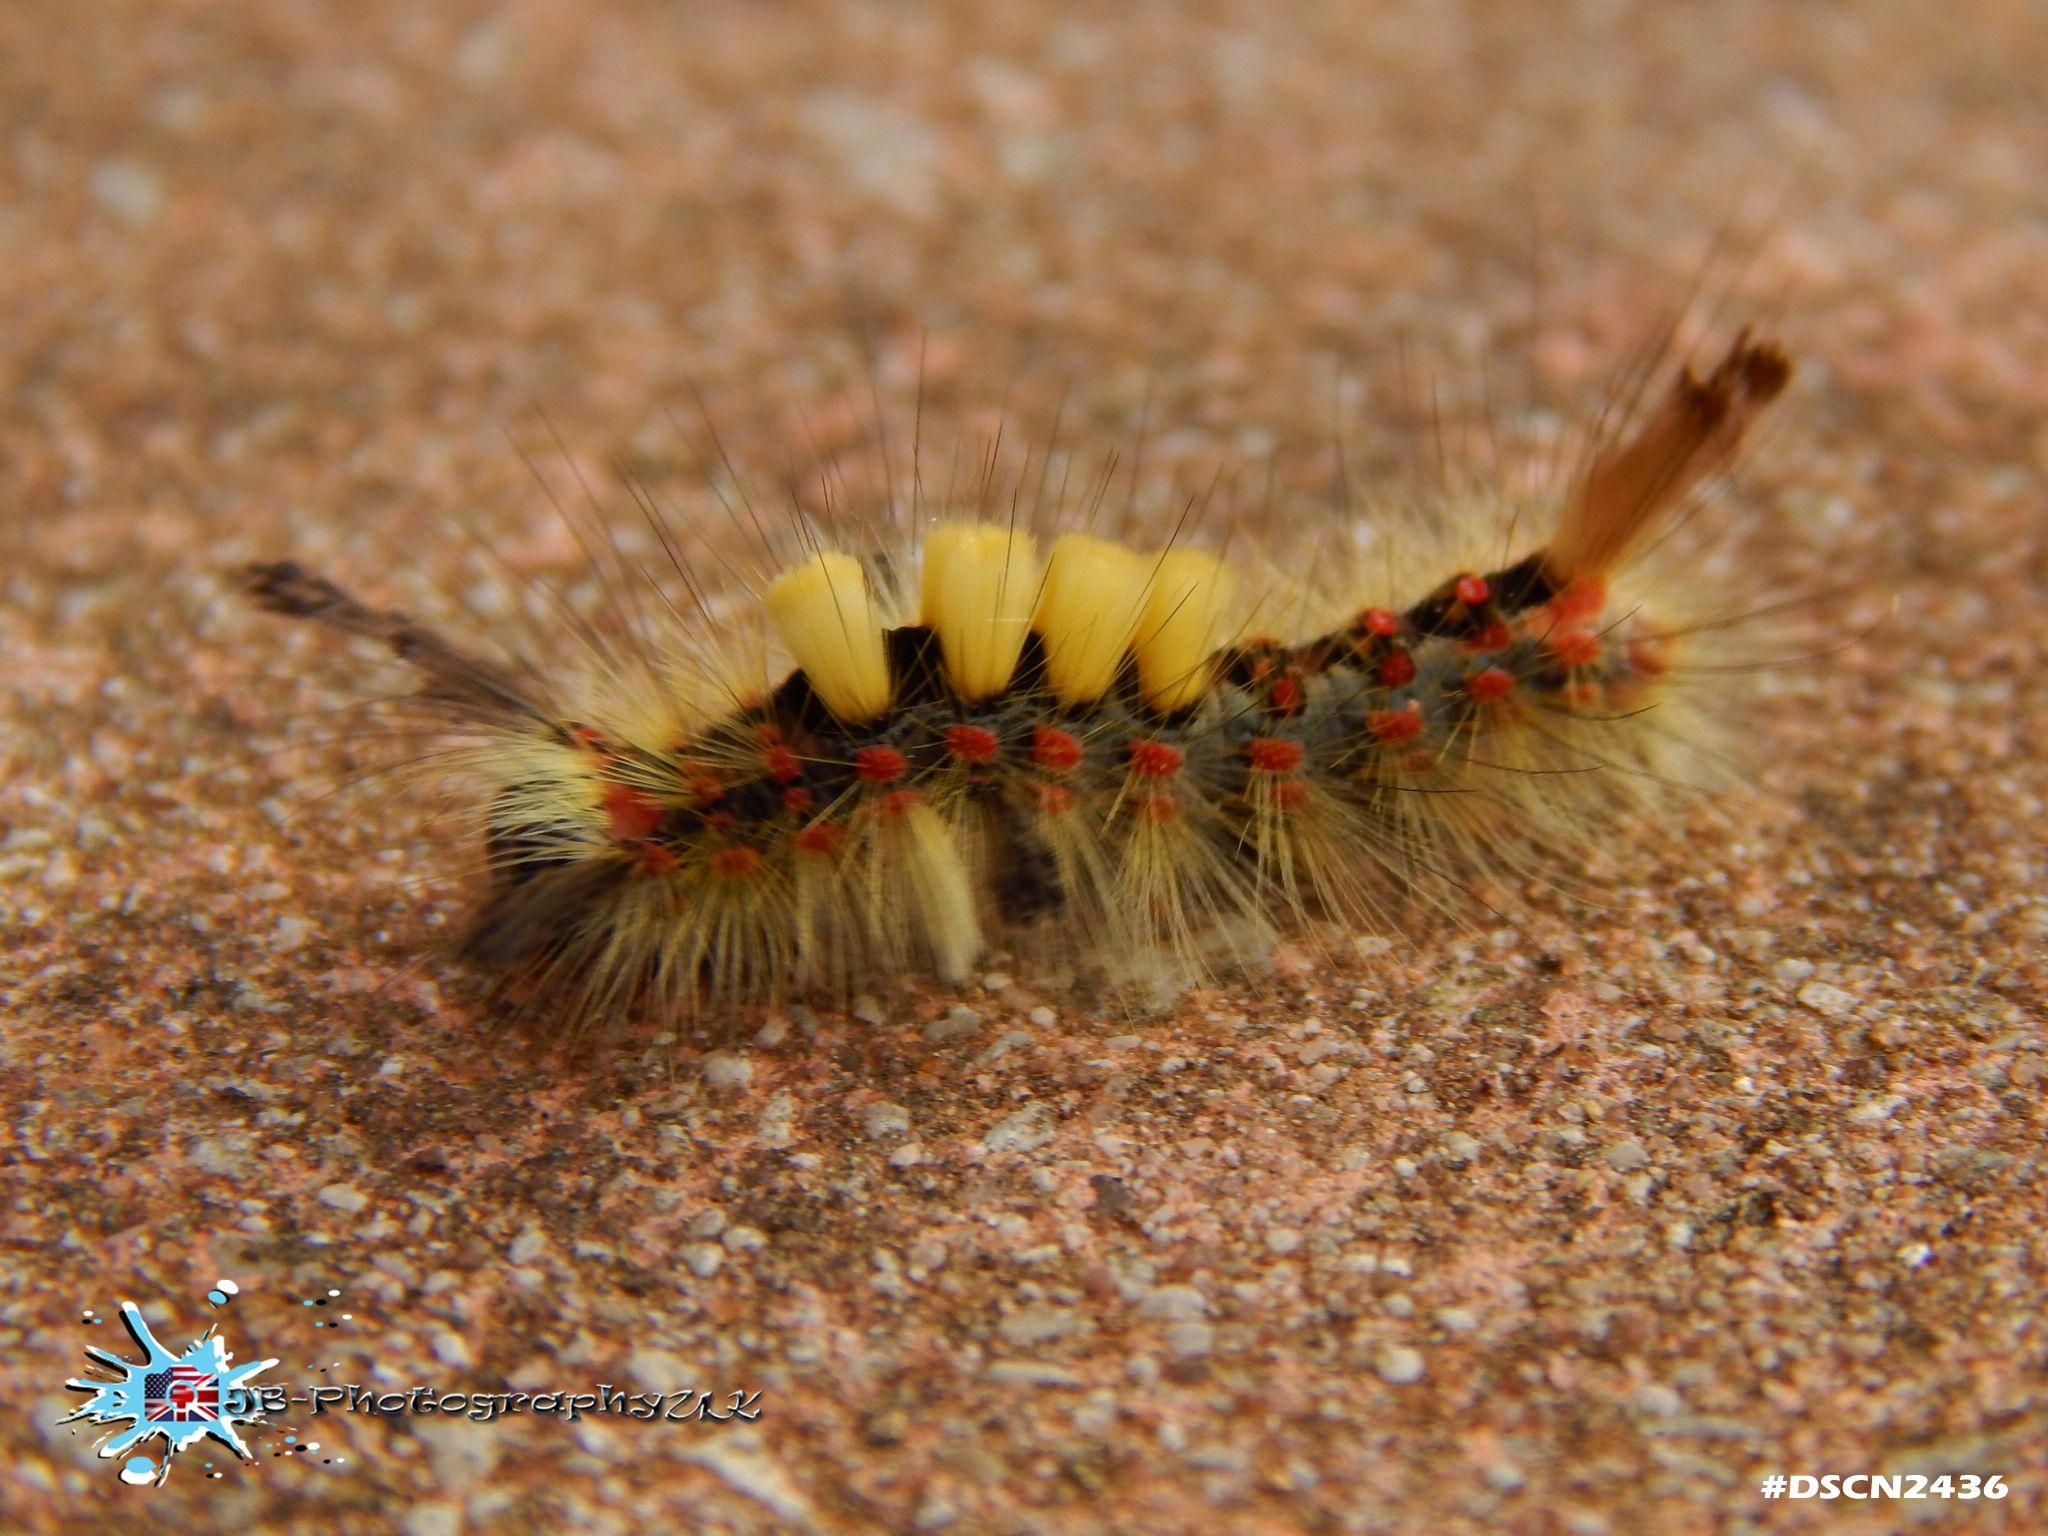 Caterpillar - JB-PhotographyUK  by Jordan Brasted